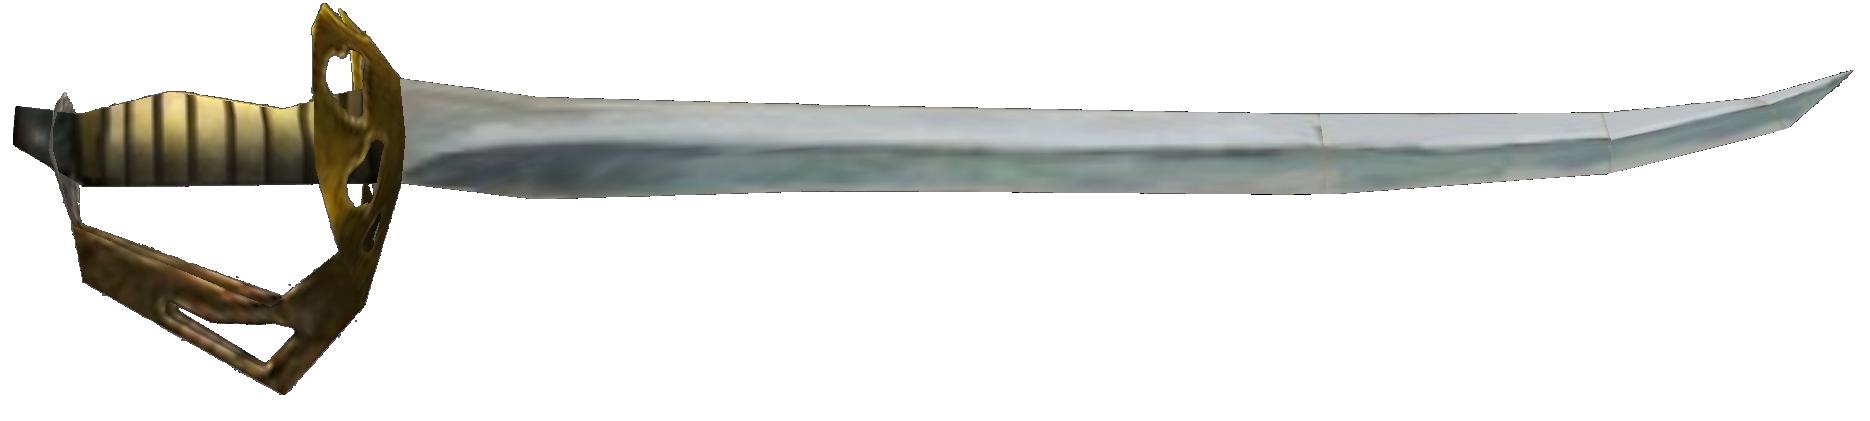 cutlass sword wallpaper - photo #14